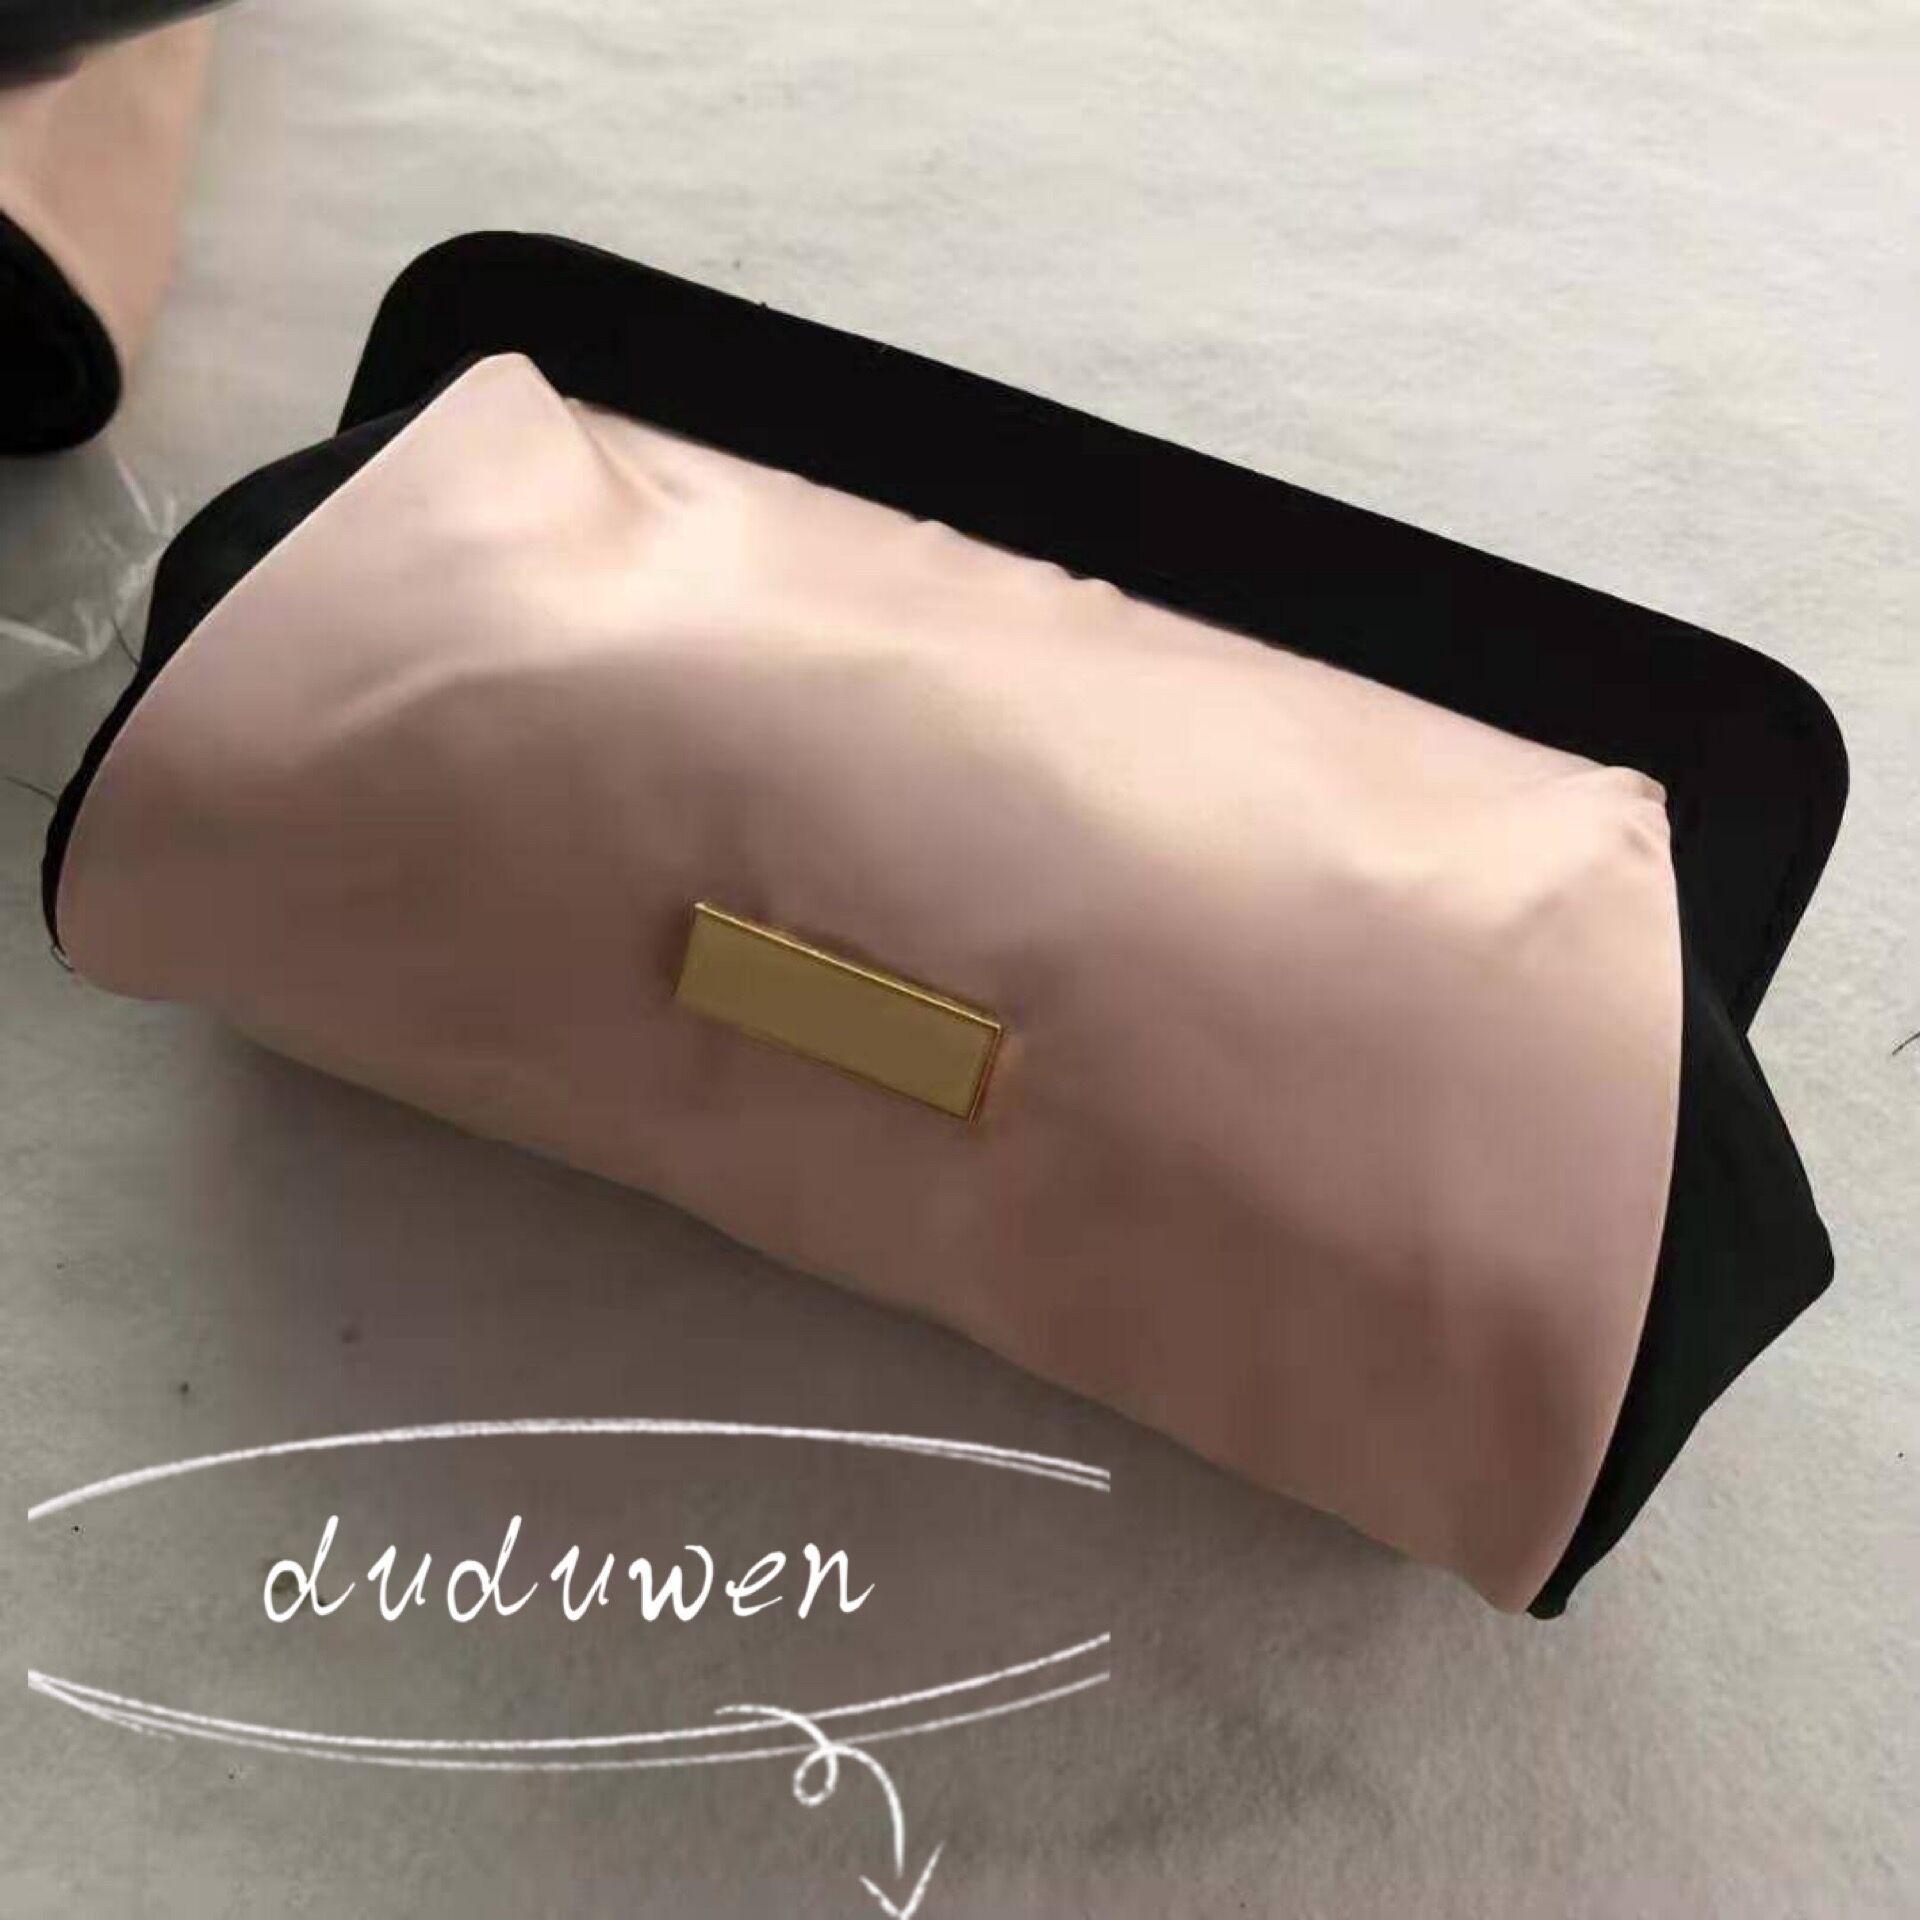 23x14x8 الكلاسيكية p مشبك لينة الوردي ماكياج حقيبة التخزين الأزياء الحرير مستحضرات التجميل سحر المفاجئة ختم pr جمع البند